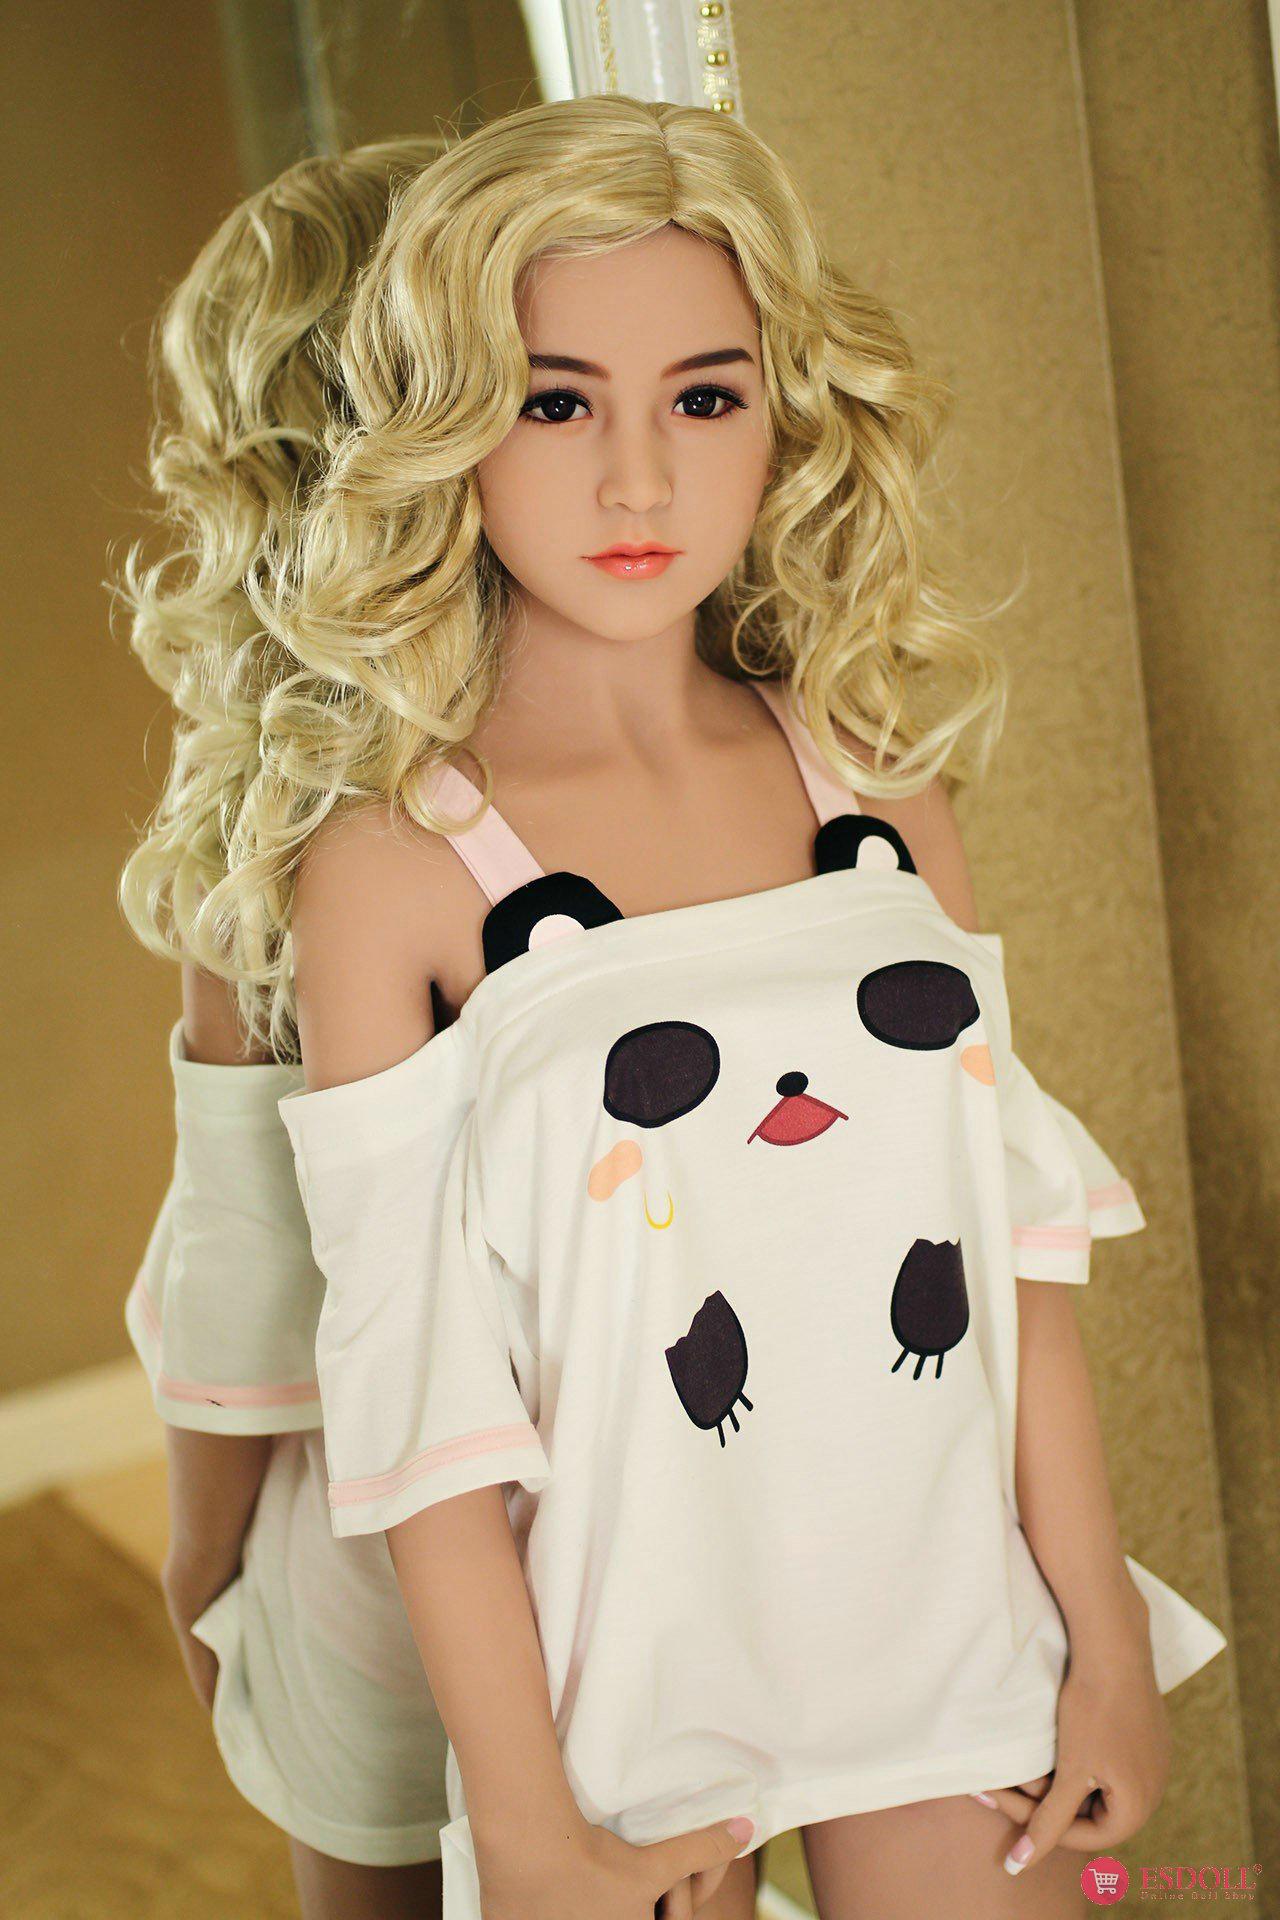 156cm 5.12ft Bonnie Silicone sex doll - 6